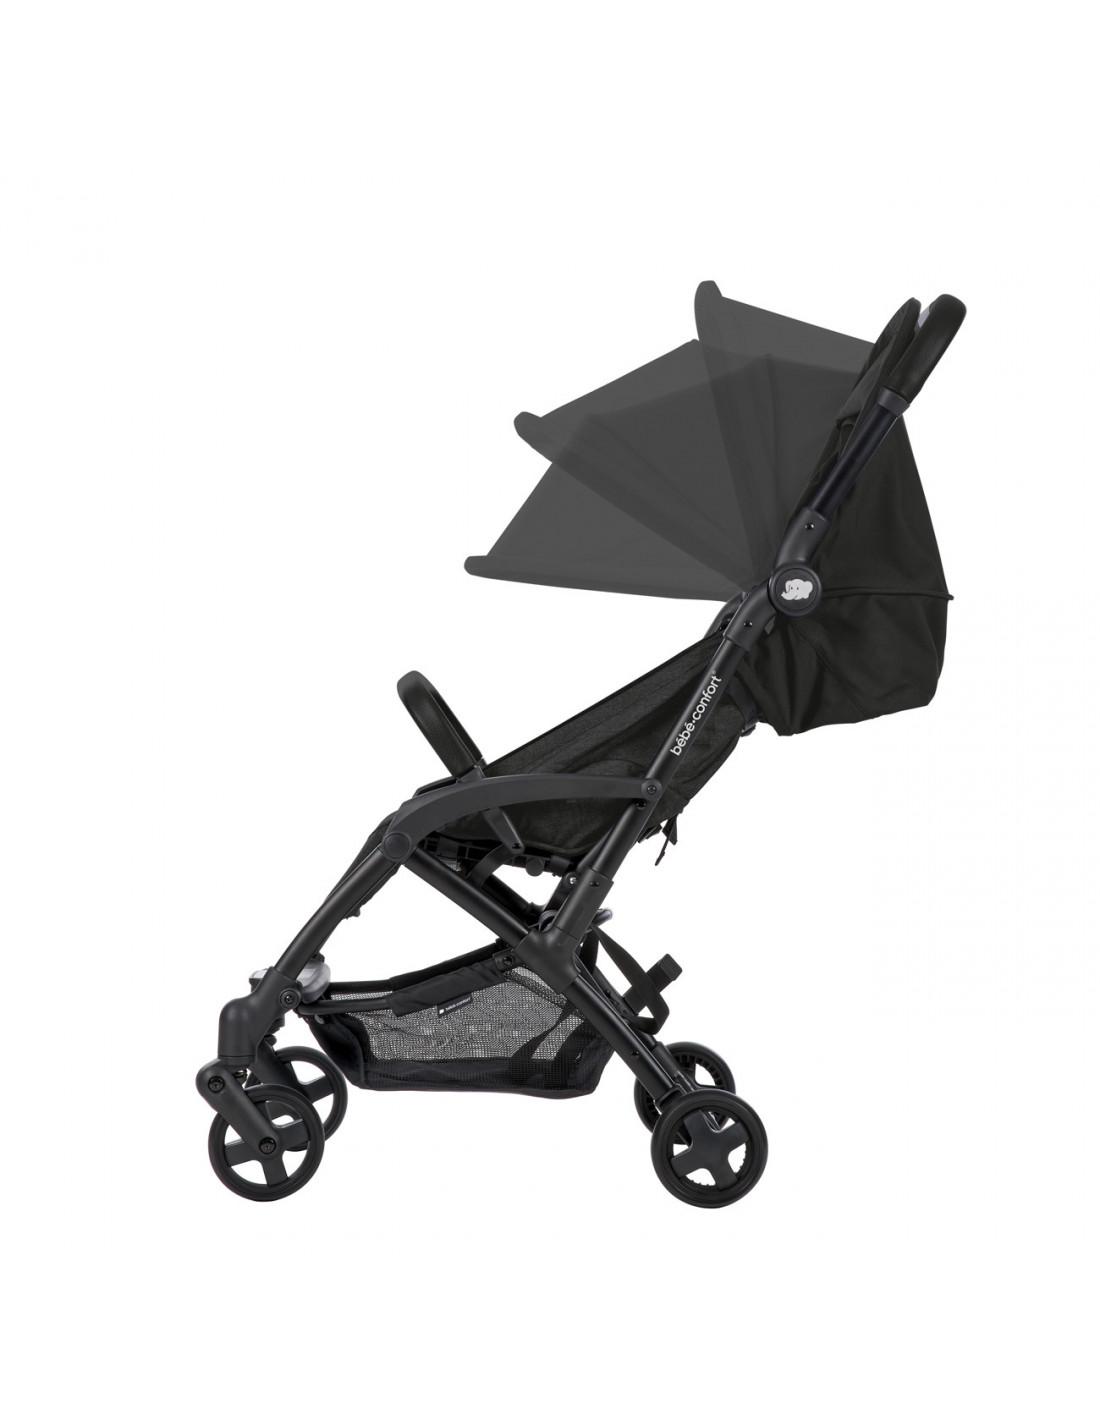 9912ebce0 ✽ Silla de paseo Laika Nomad Black de Bébé Confort